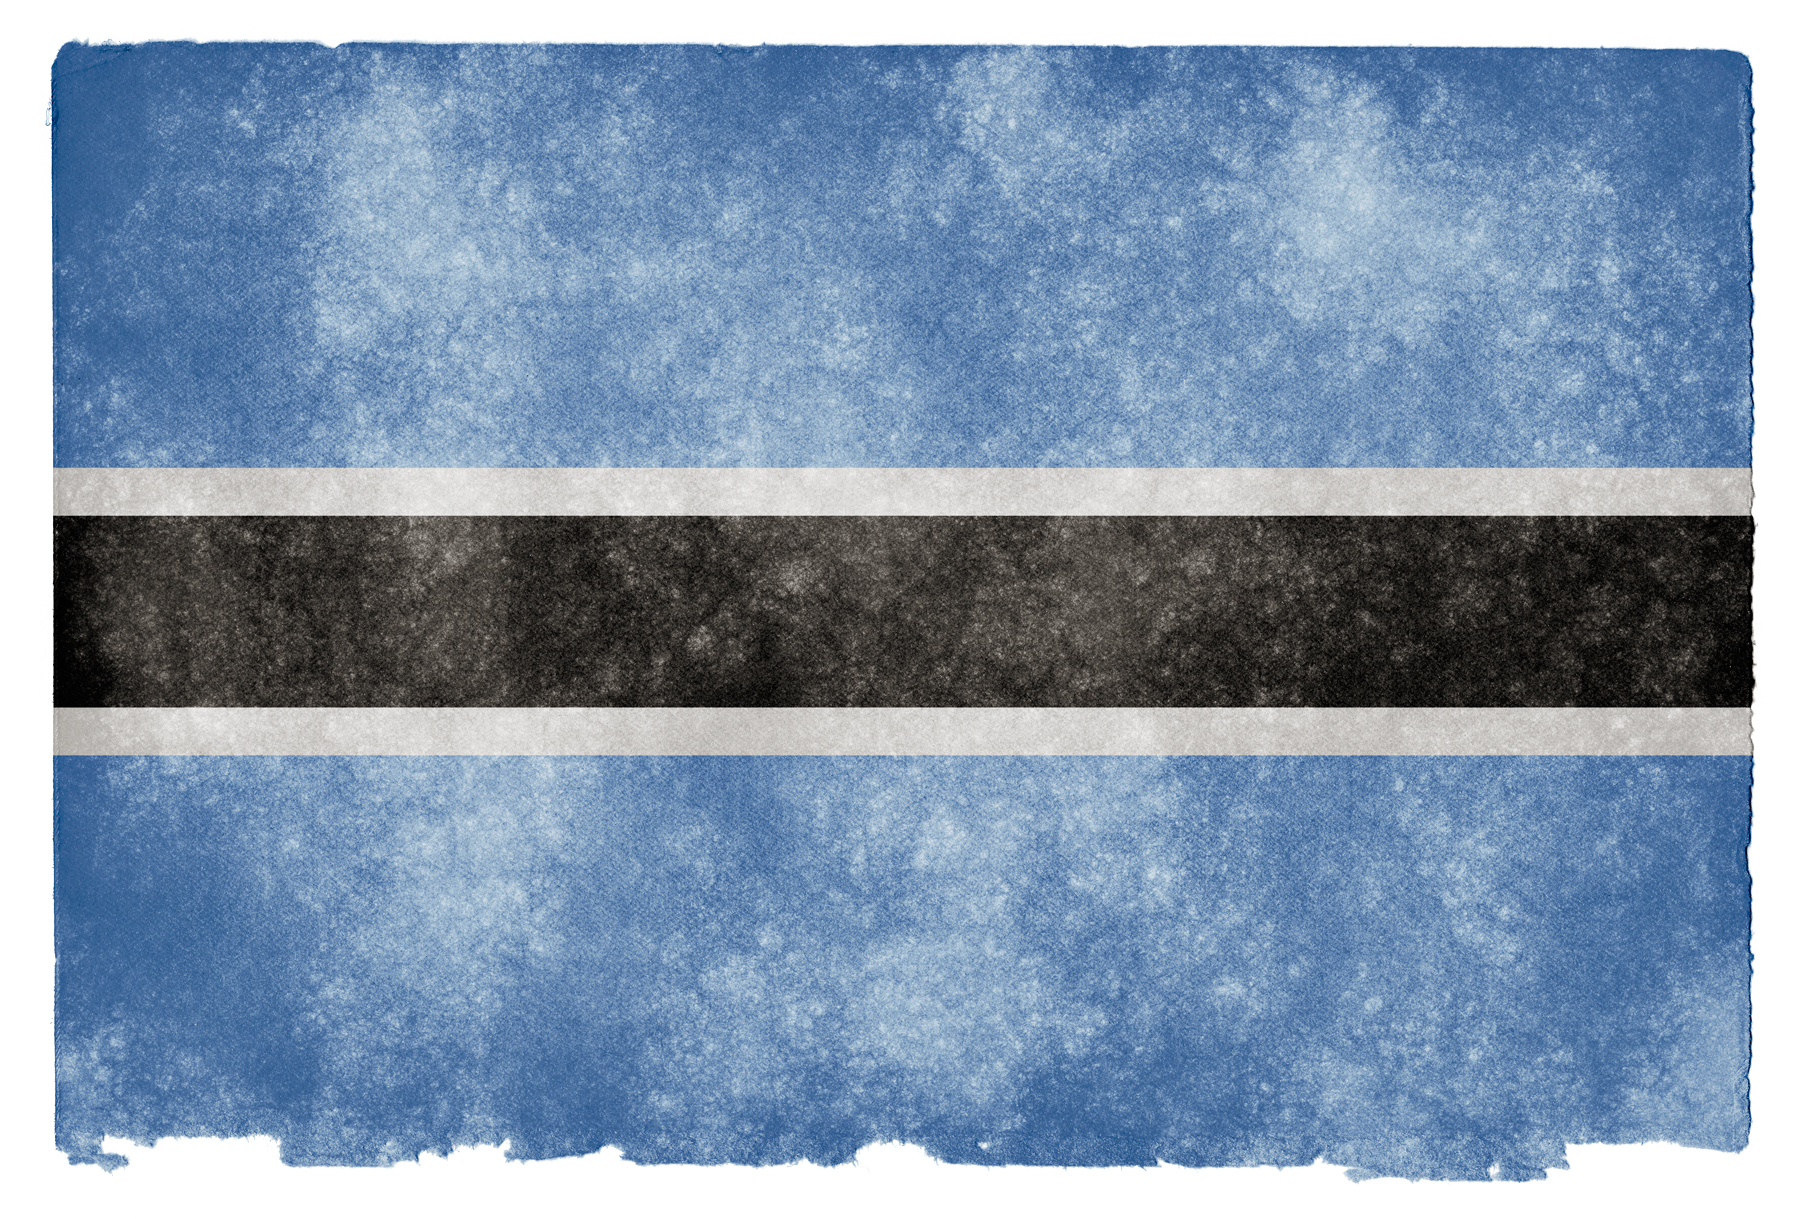 Botswana Grunge Flag, Africa, Proud, Isolated, Nation, HQ Photo